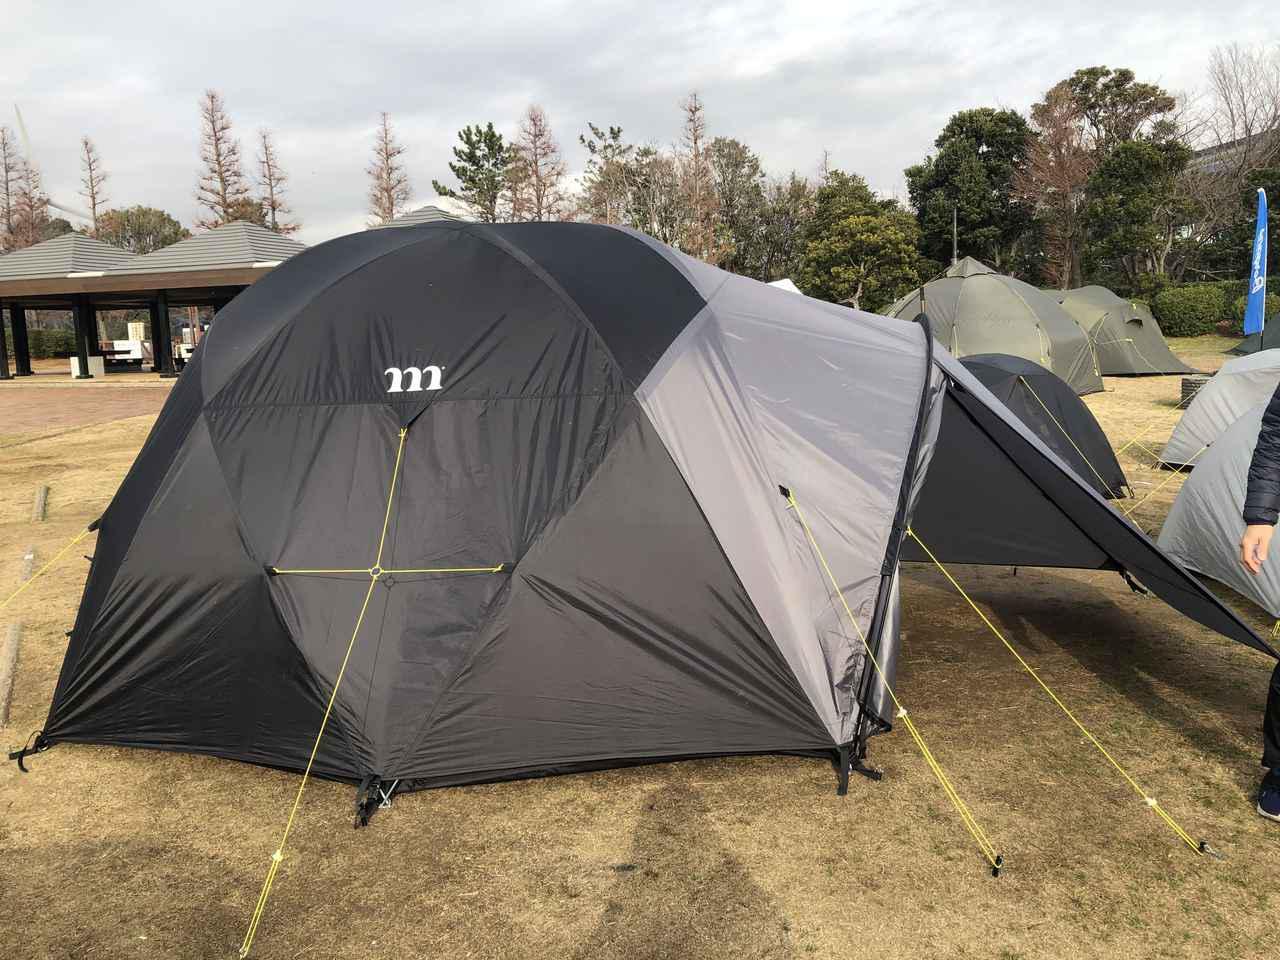 画像: 【独自取材】muraco(ムラコ)新テントは山岳用軽量モデル! 合同テント展示会レポート その3 - ハピキャン(HAPPY CAMPER)